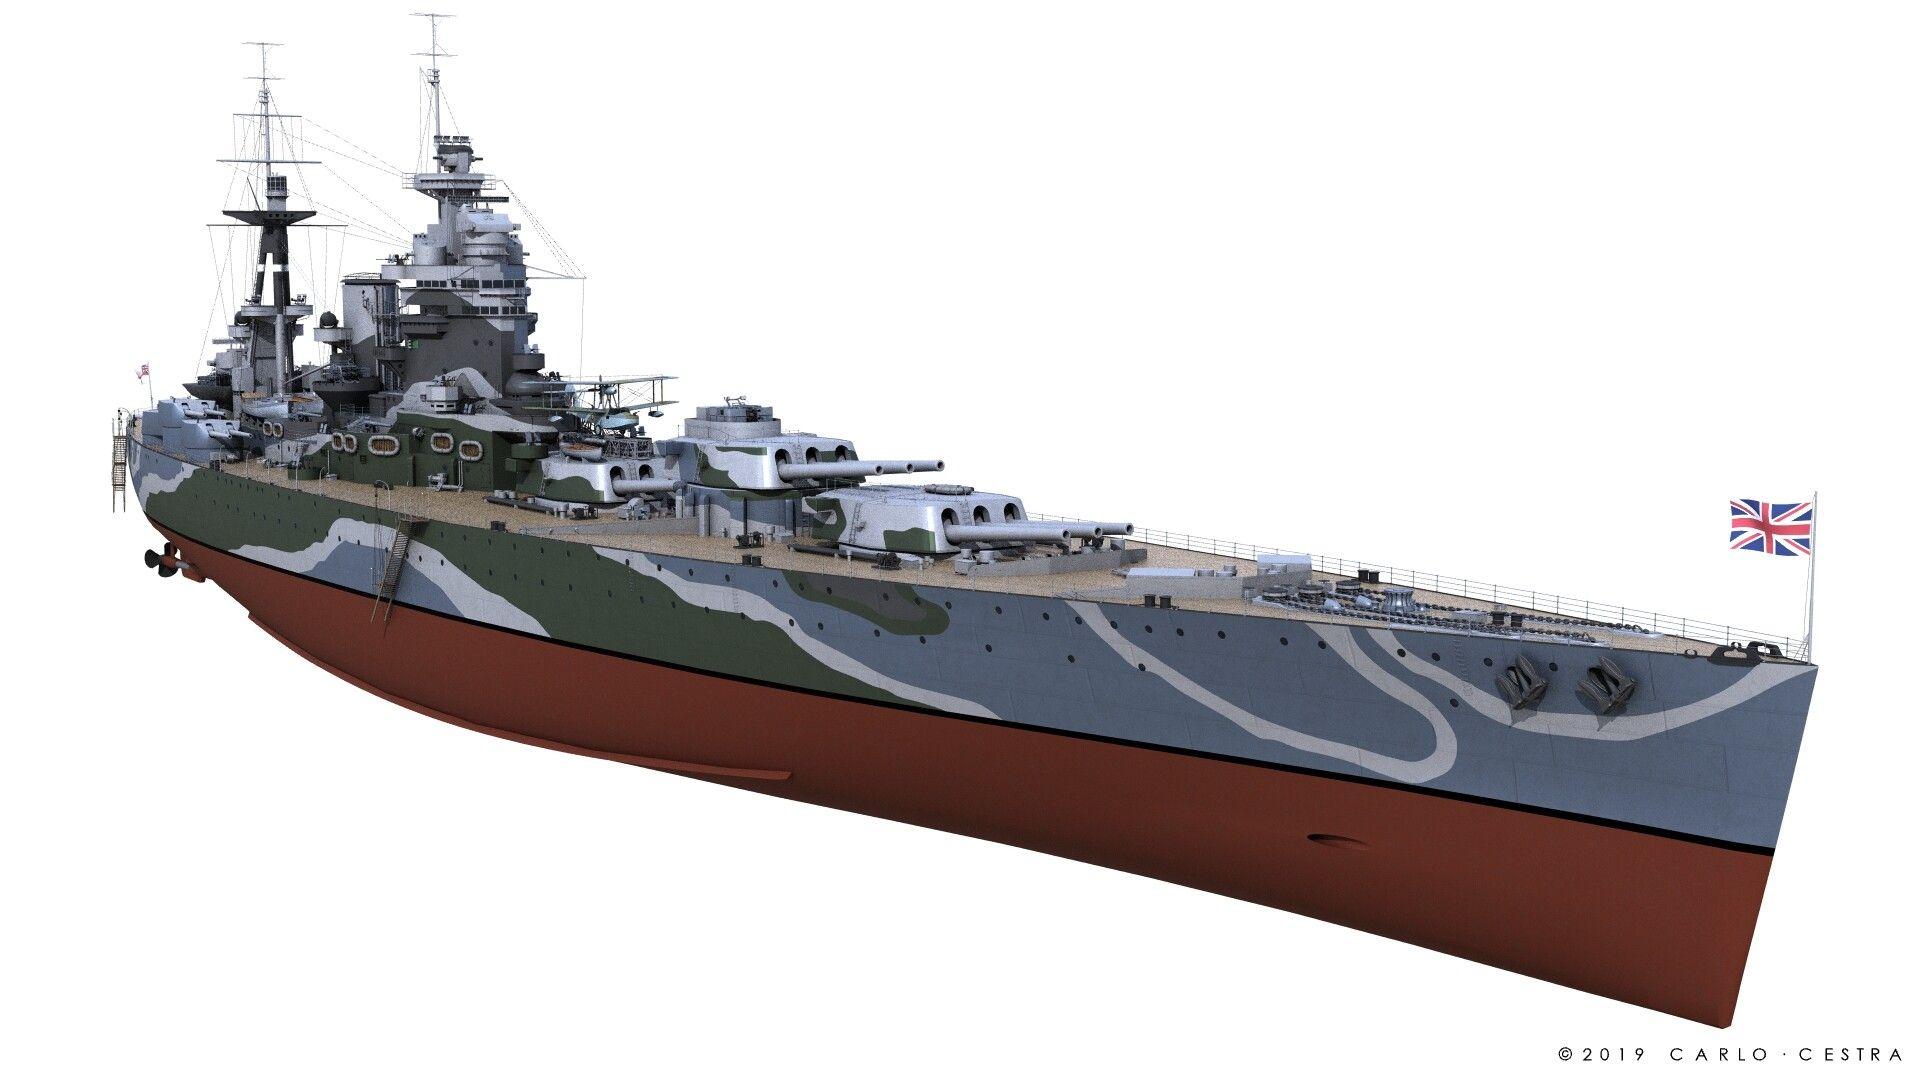 Hms rodney by carlo cestra in 2020 model warships